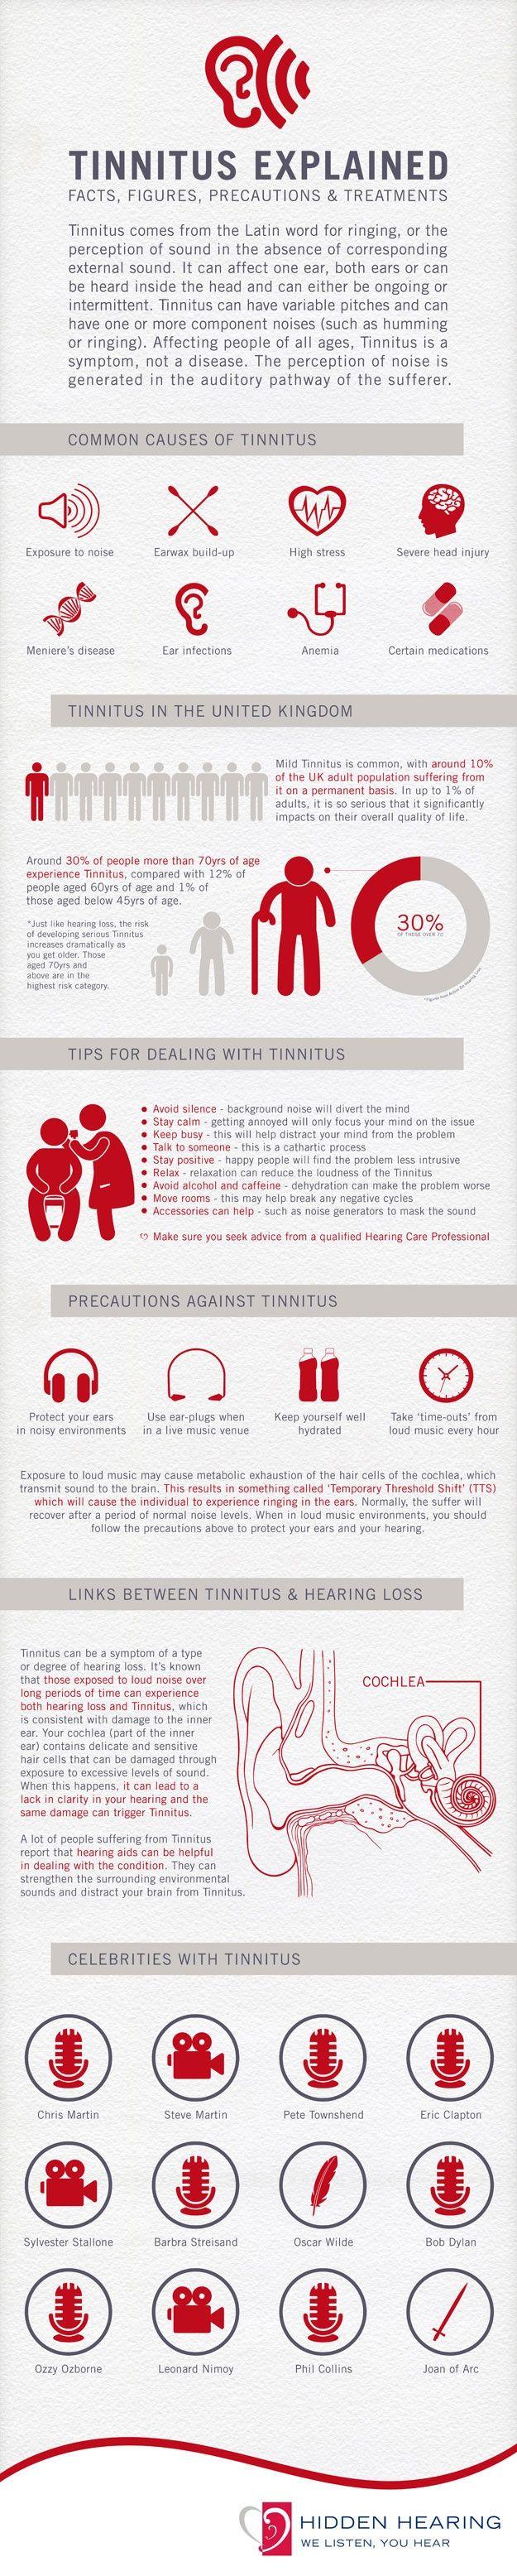 Tinnitus